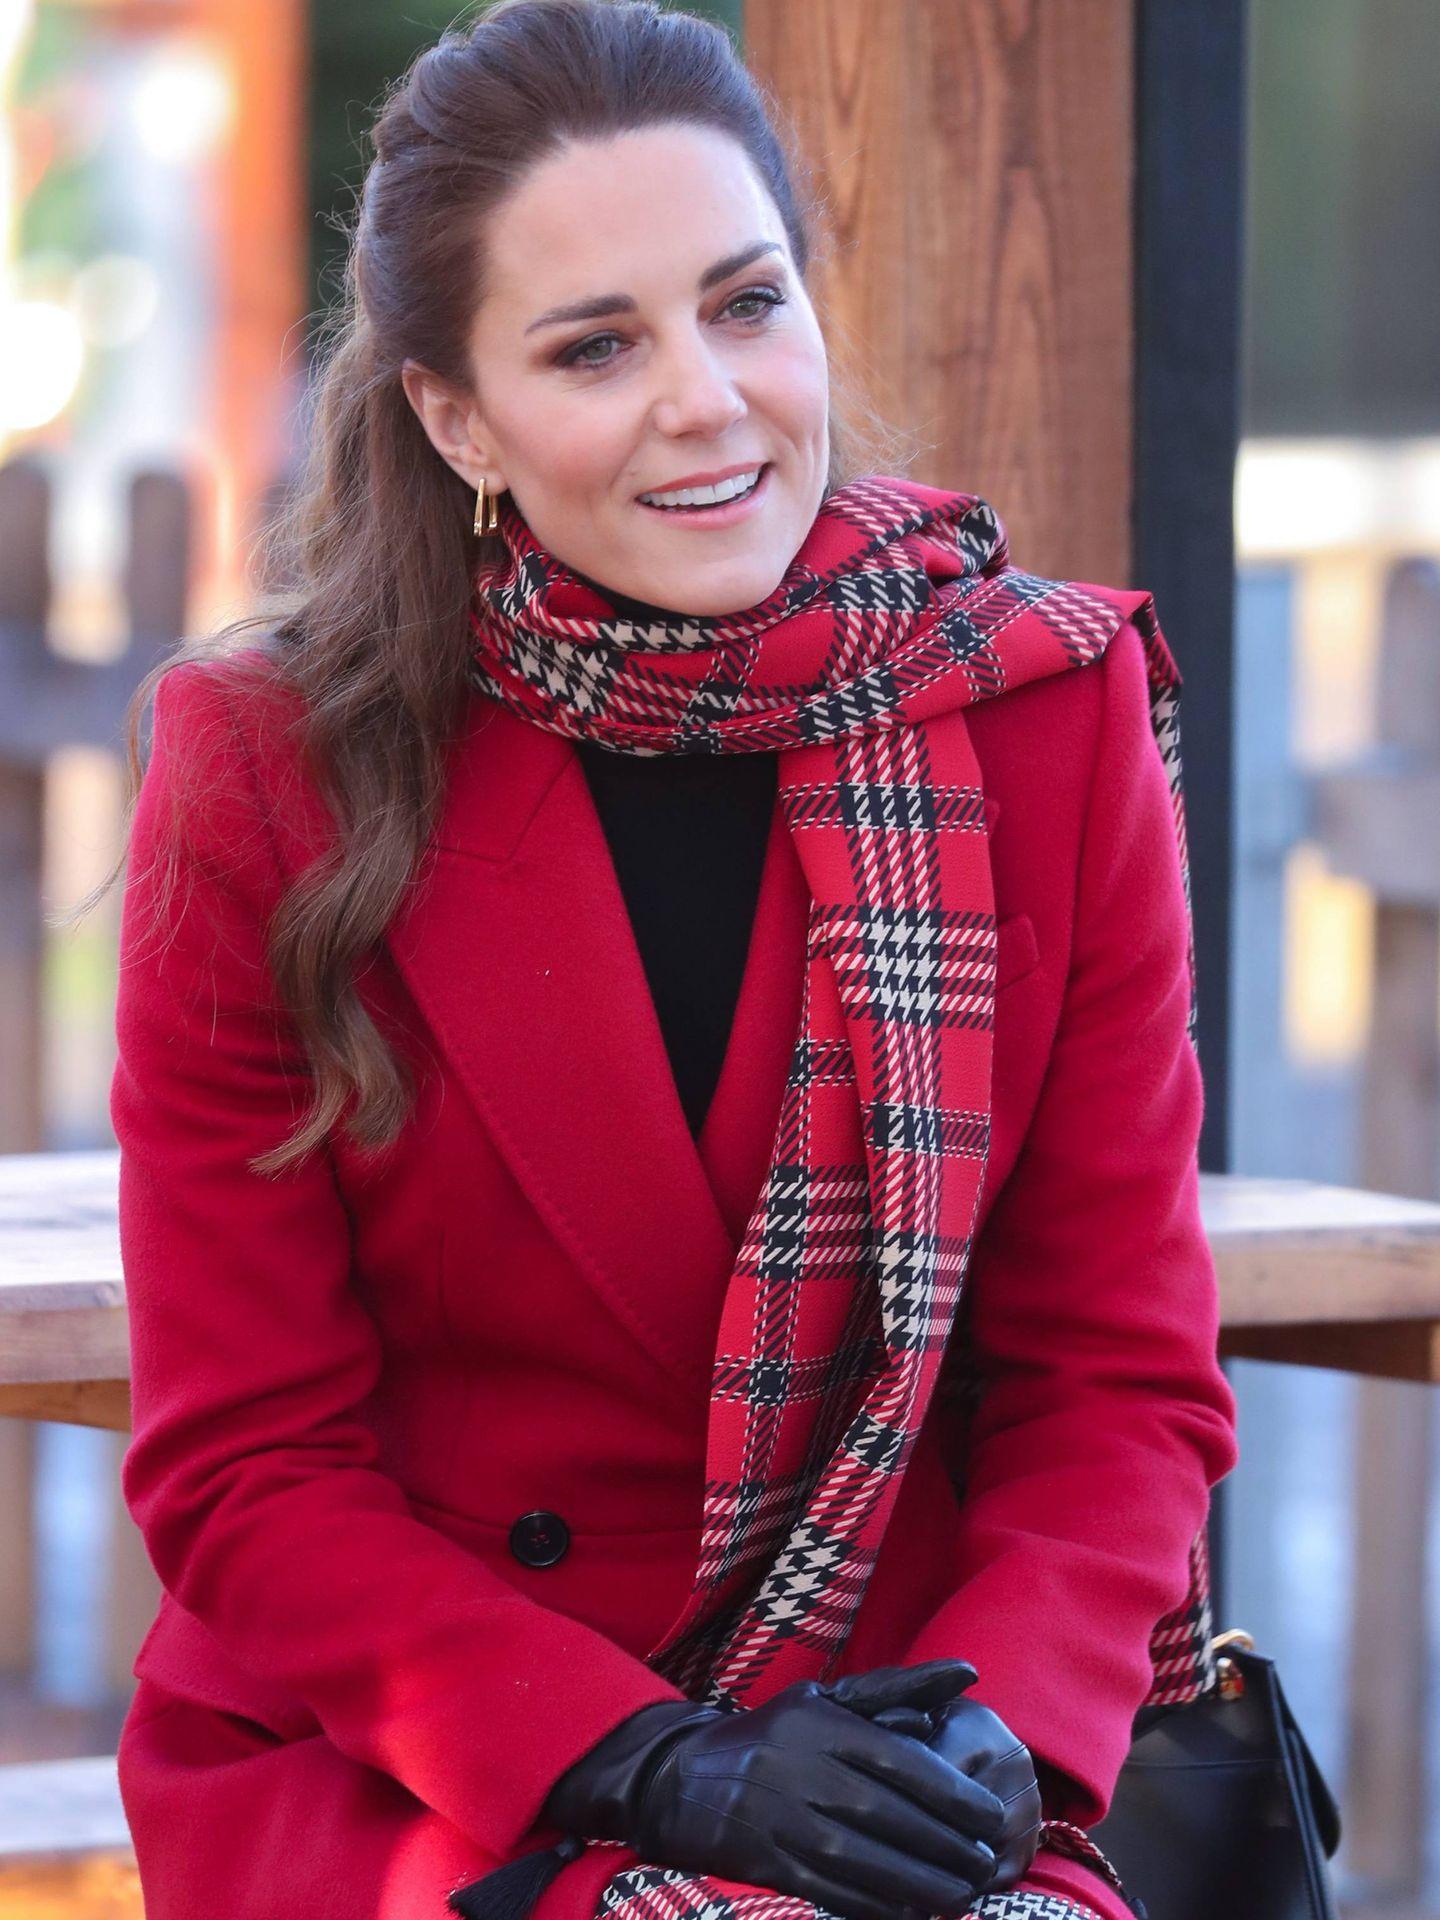 La duquesa de Cambridge, con su abrigo rojo de Alexander McQueen. (CP)